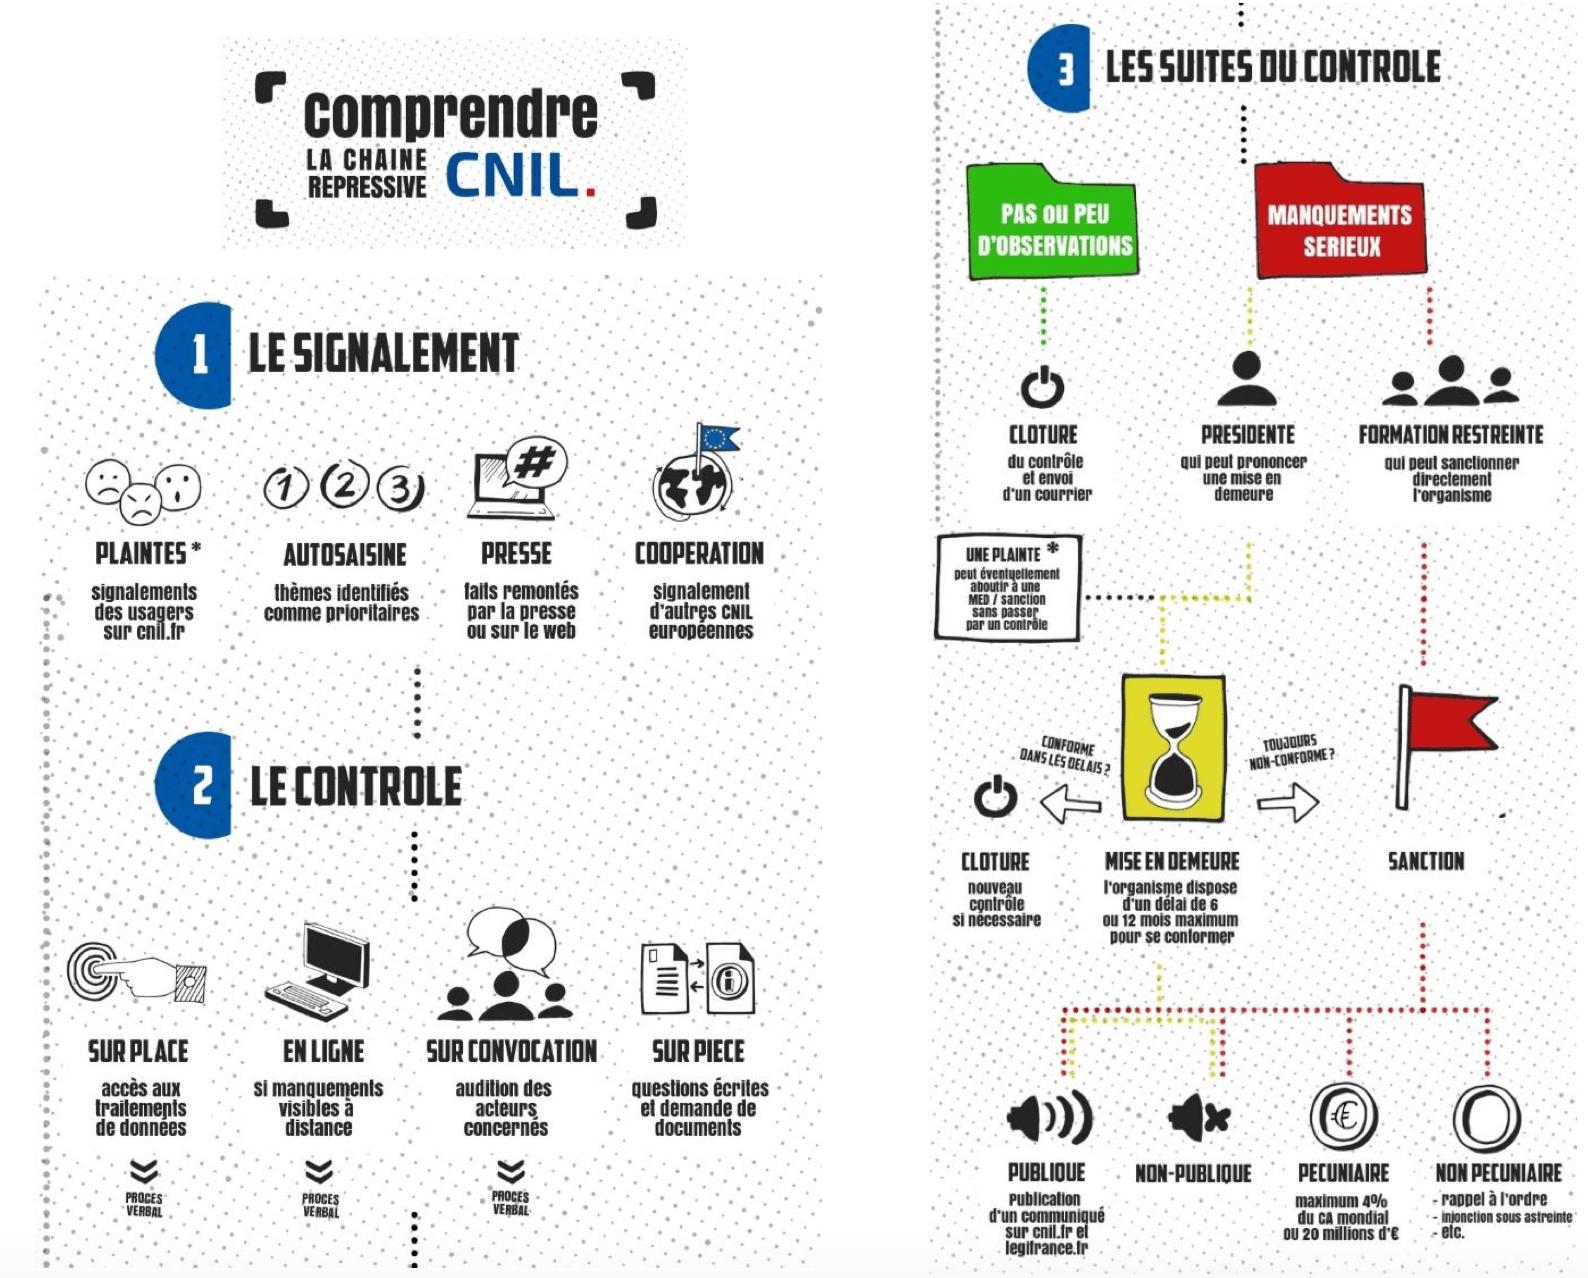 Schéma de la chaine répressive de la CNIL